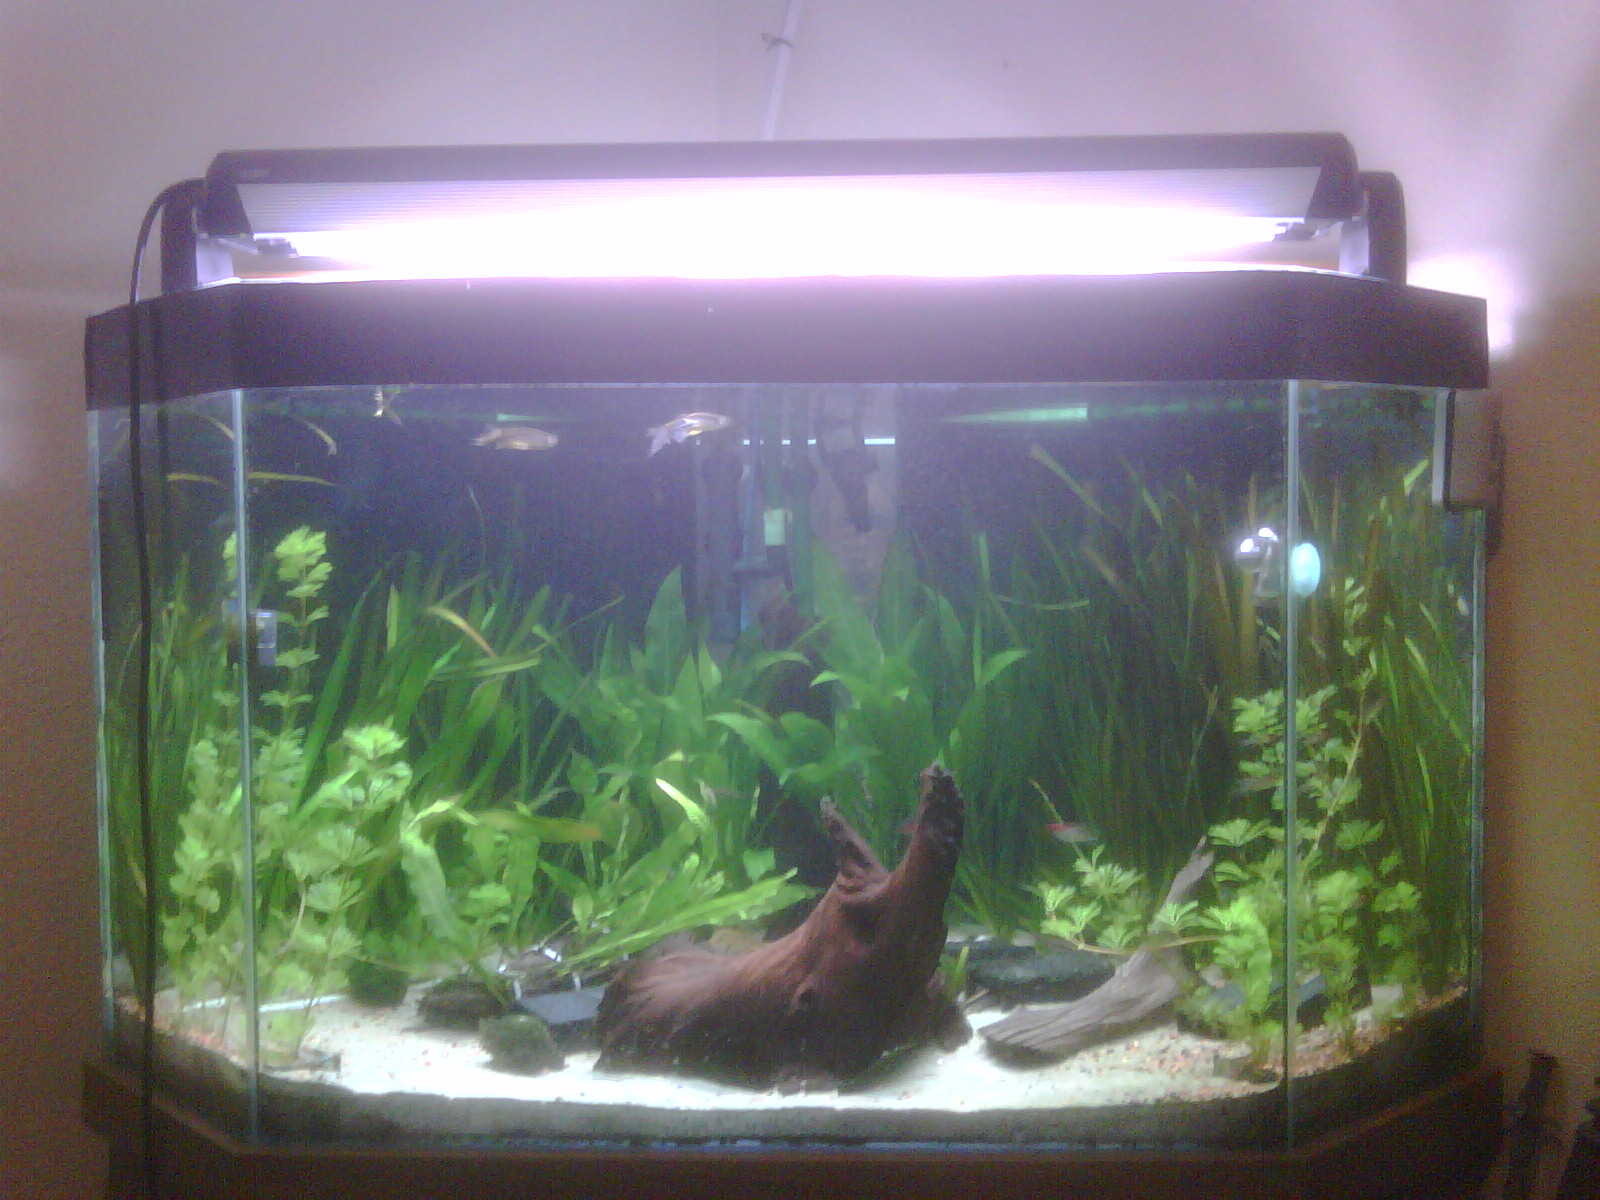 img00232201003022030-jpg Frais De Aquarium Recifal Complet Concept